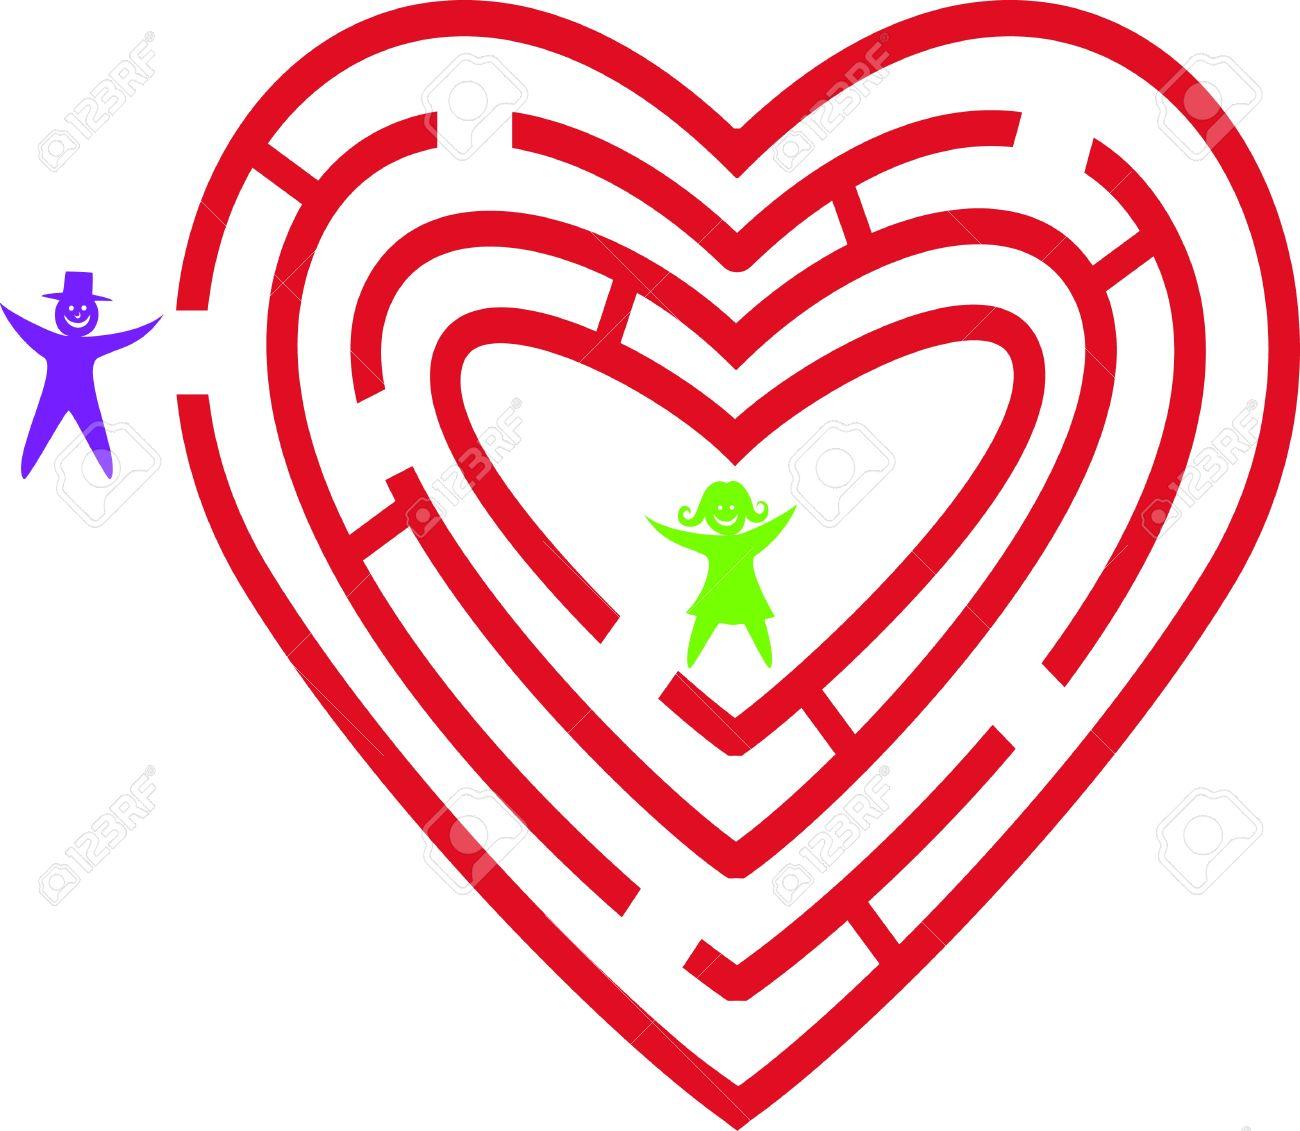 Heart maze. Stock Vector - 9438733